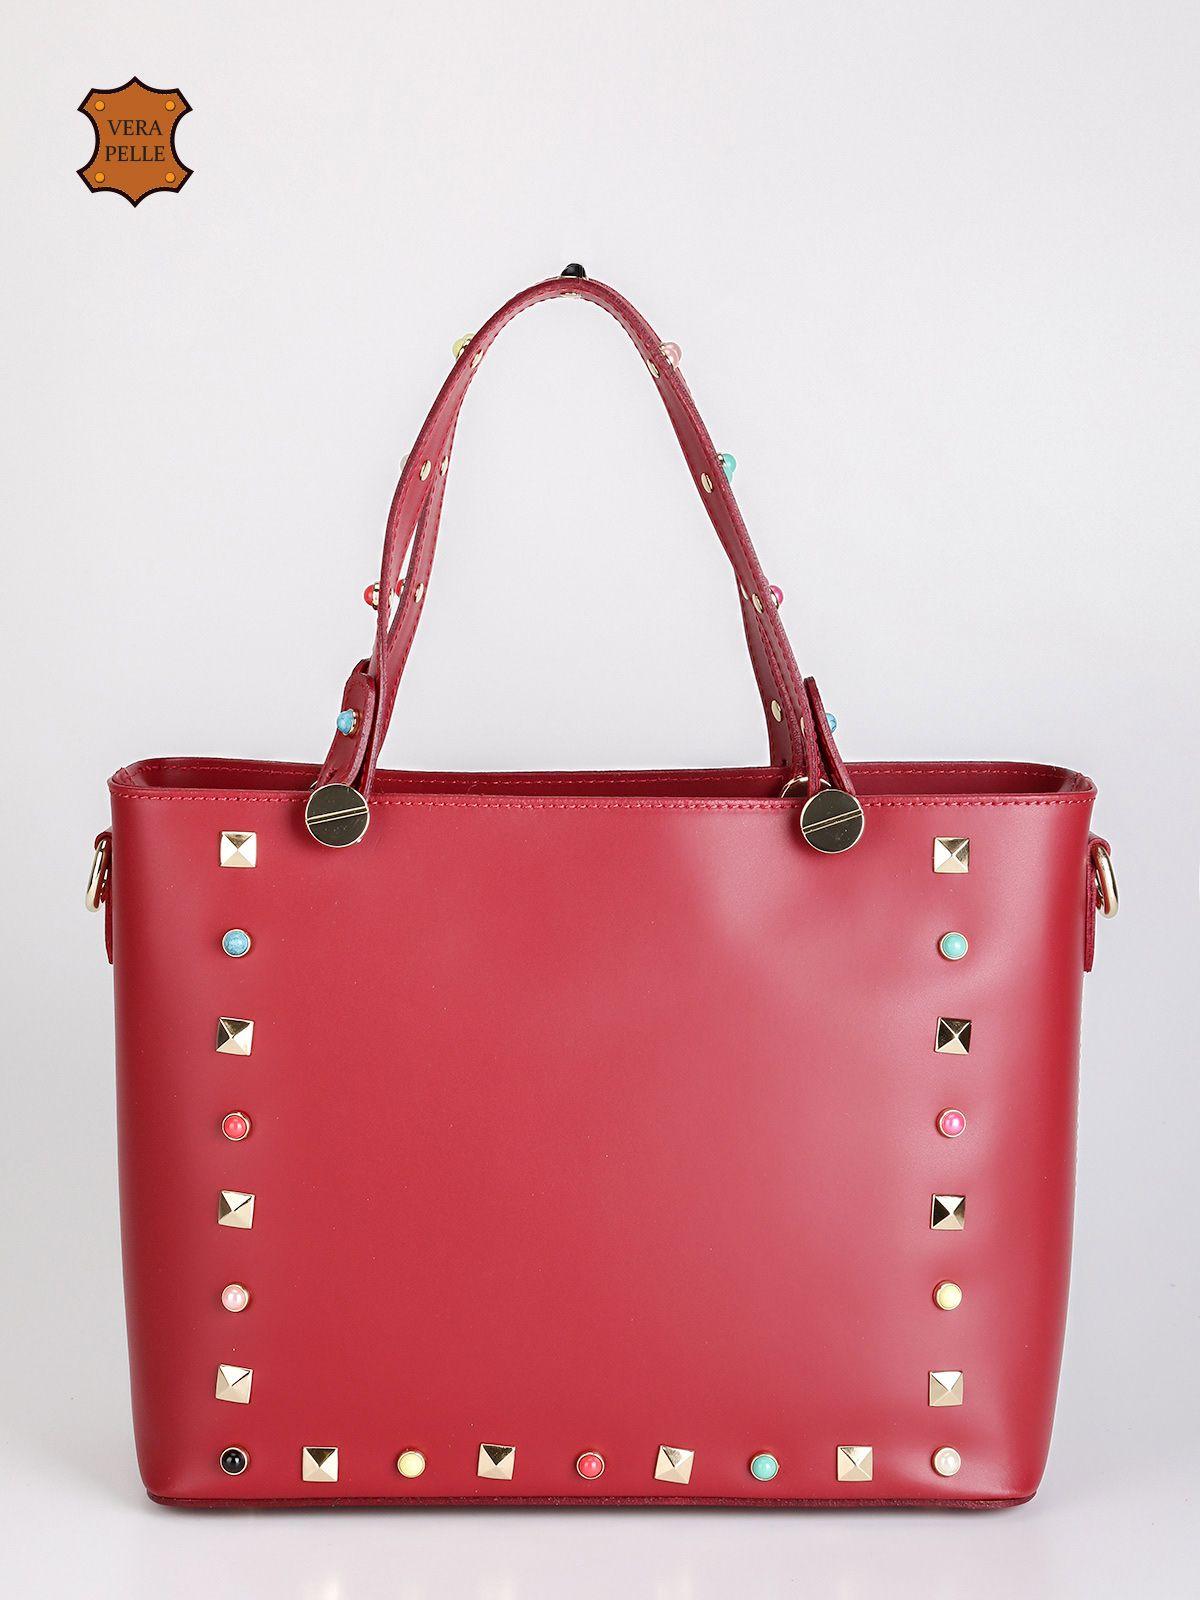 Ladies Designer Moda In Finta Pelle con Borchie Tasca Borsa Borsetta Bag Trapuntato